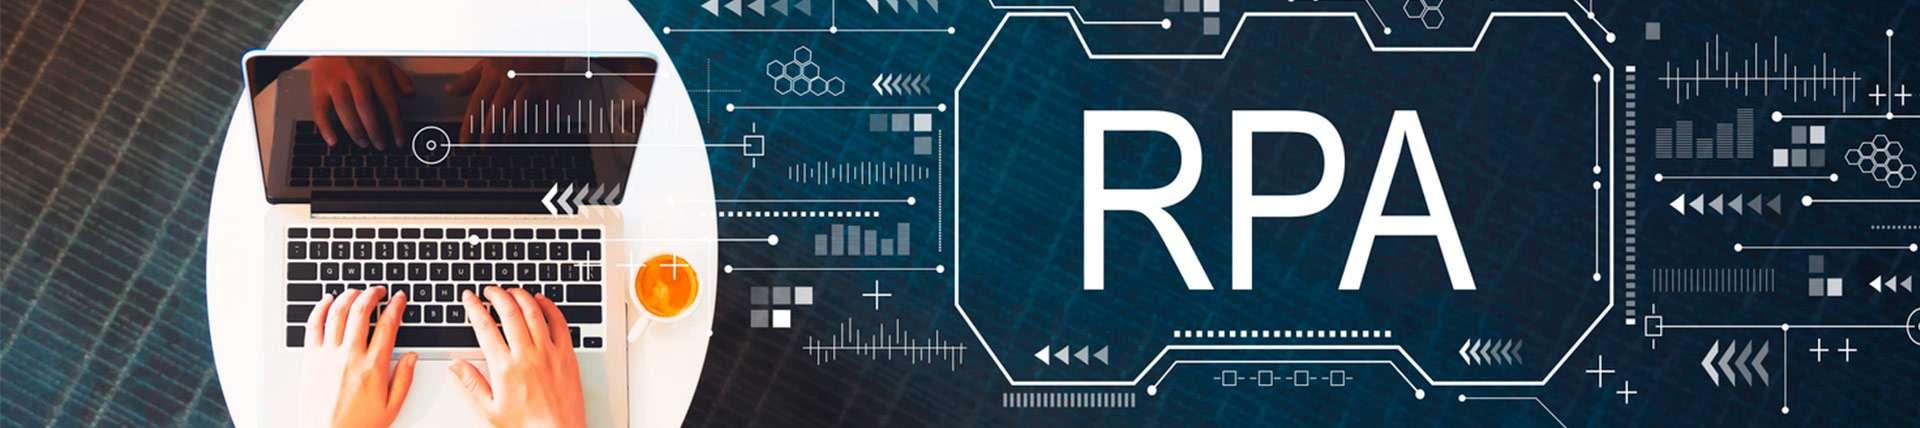 Tecnologia RPA, o eixo da transformação digital